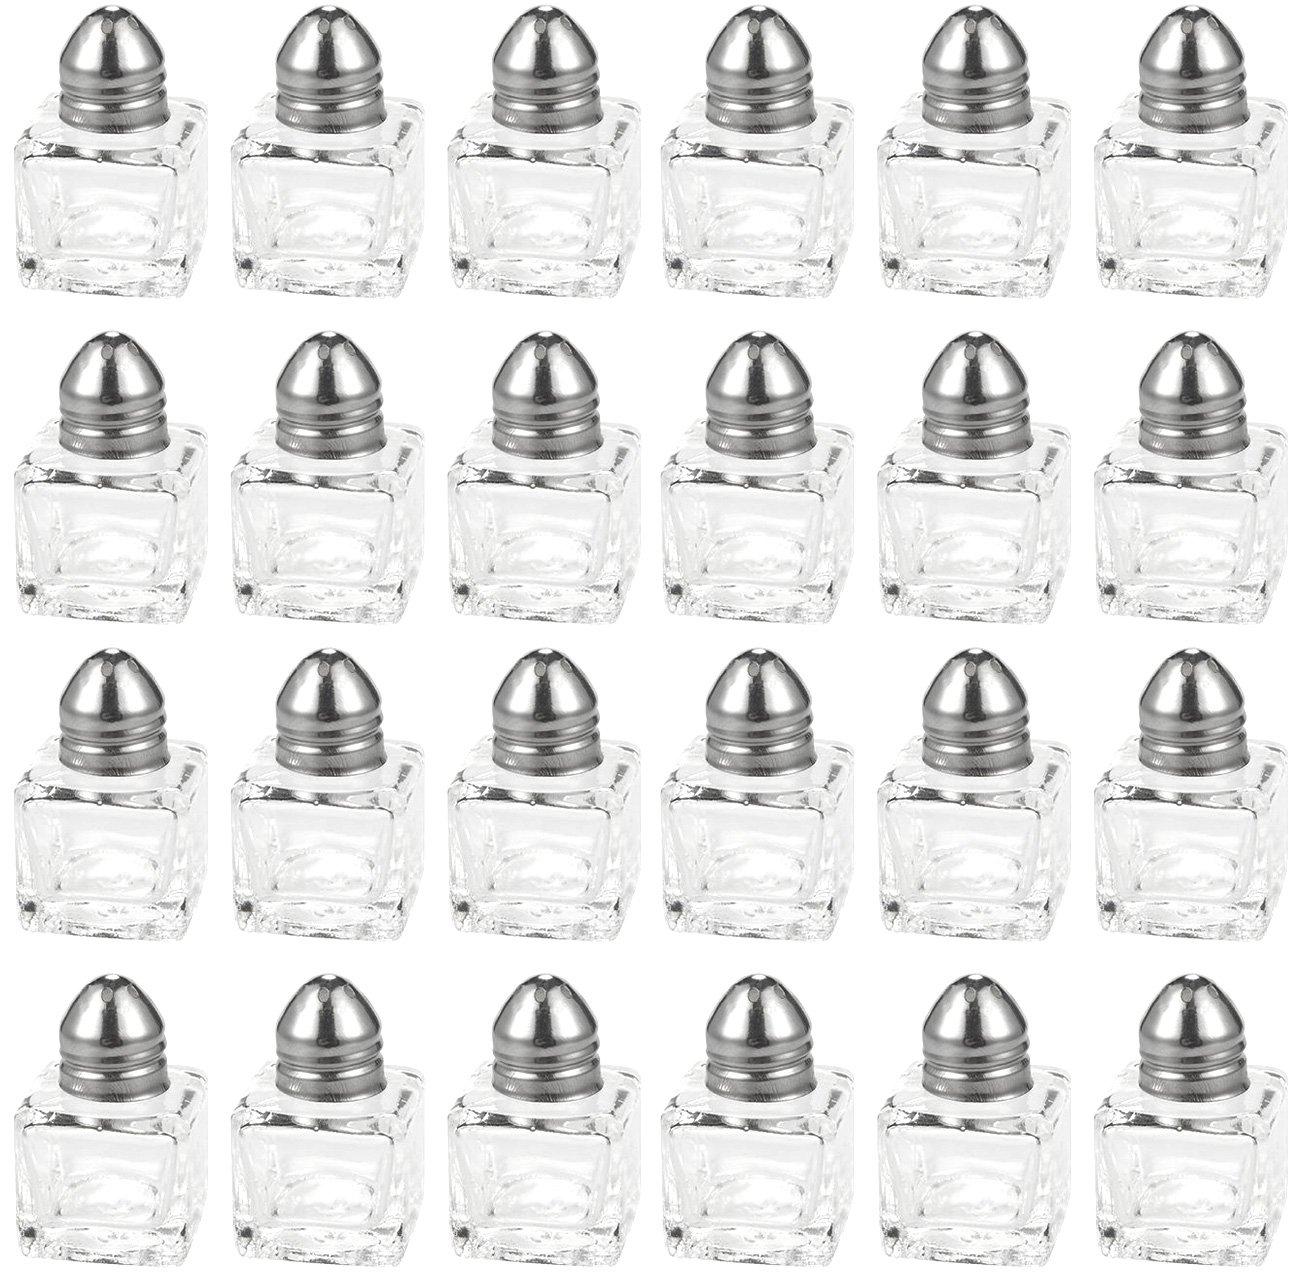 Salt and Pepper Shakers Set - 24-Piece Set of Salt Pepper Shakers, Glass Kitchenware, Mini Salt and Pepper Holders, Transparent, Holds 0.5 Oz Juvale